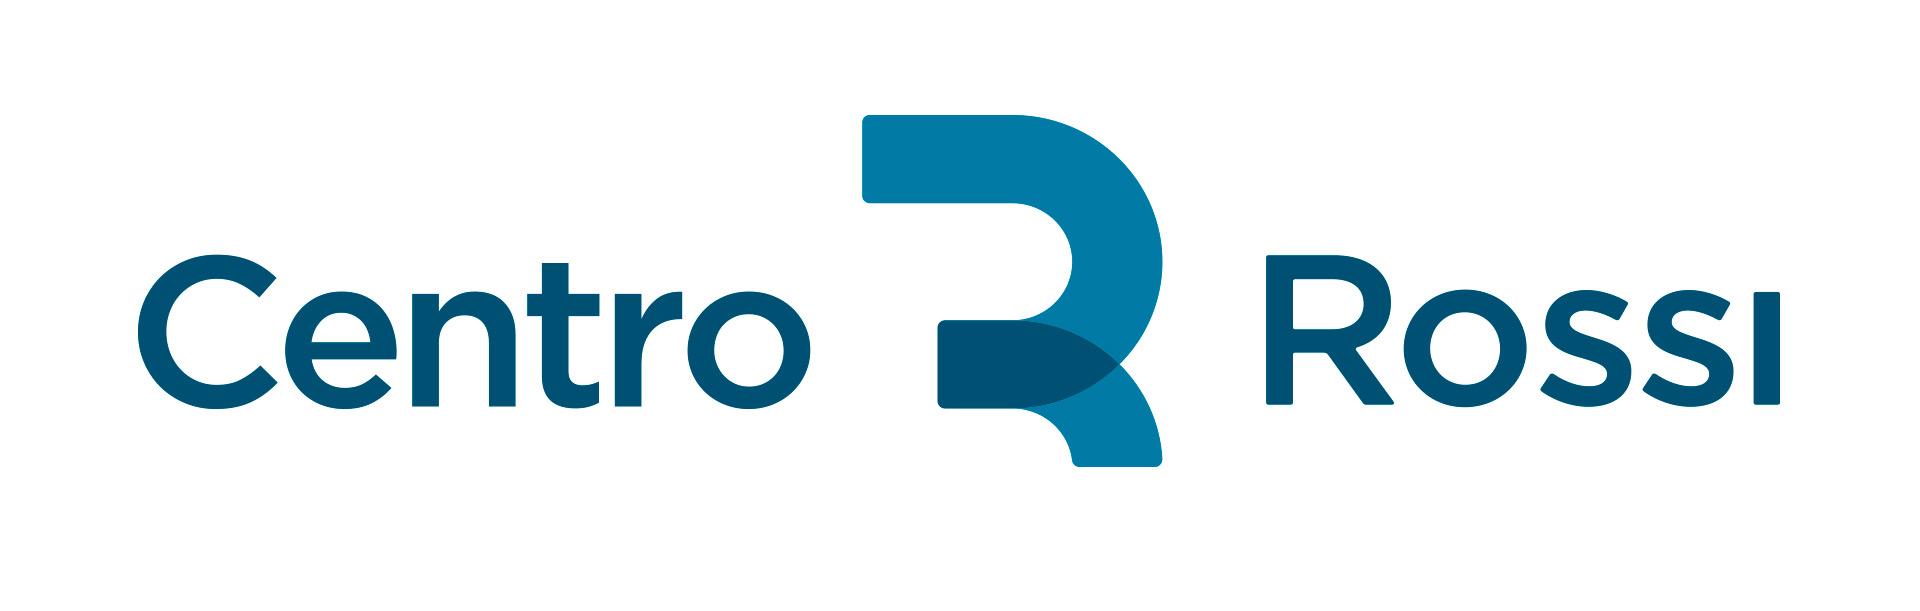 Centro Rossi | Diagnóstico por imagen, Laboratorio, Chequeos, Consultorios  médicos